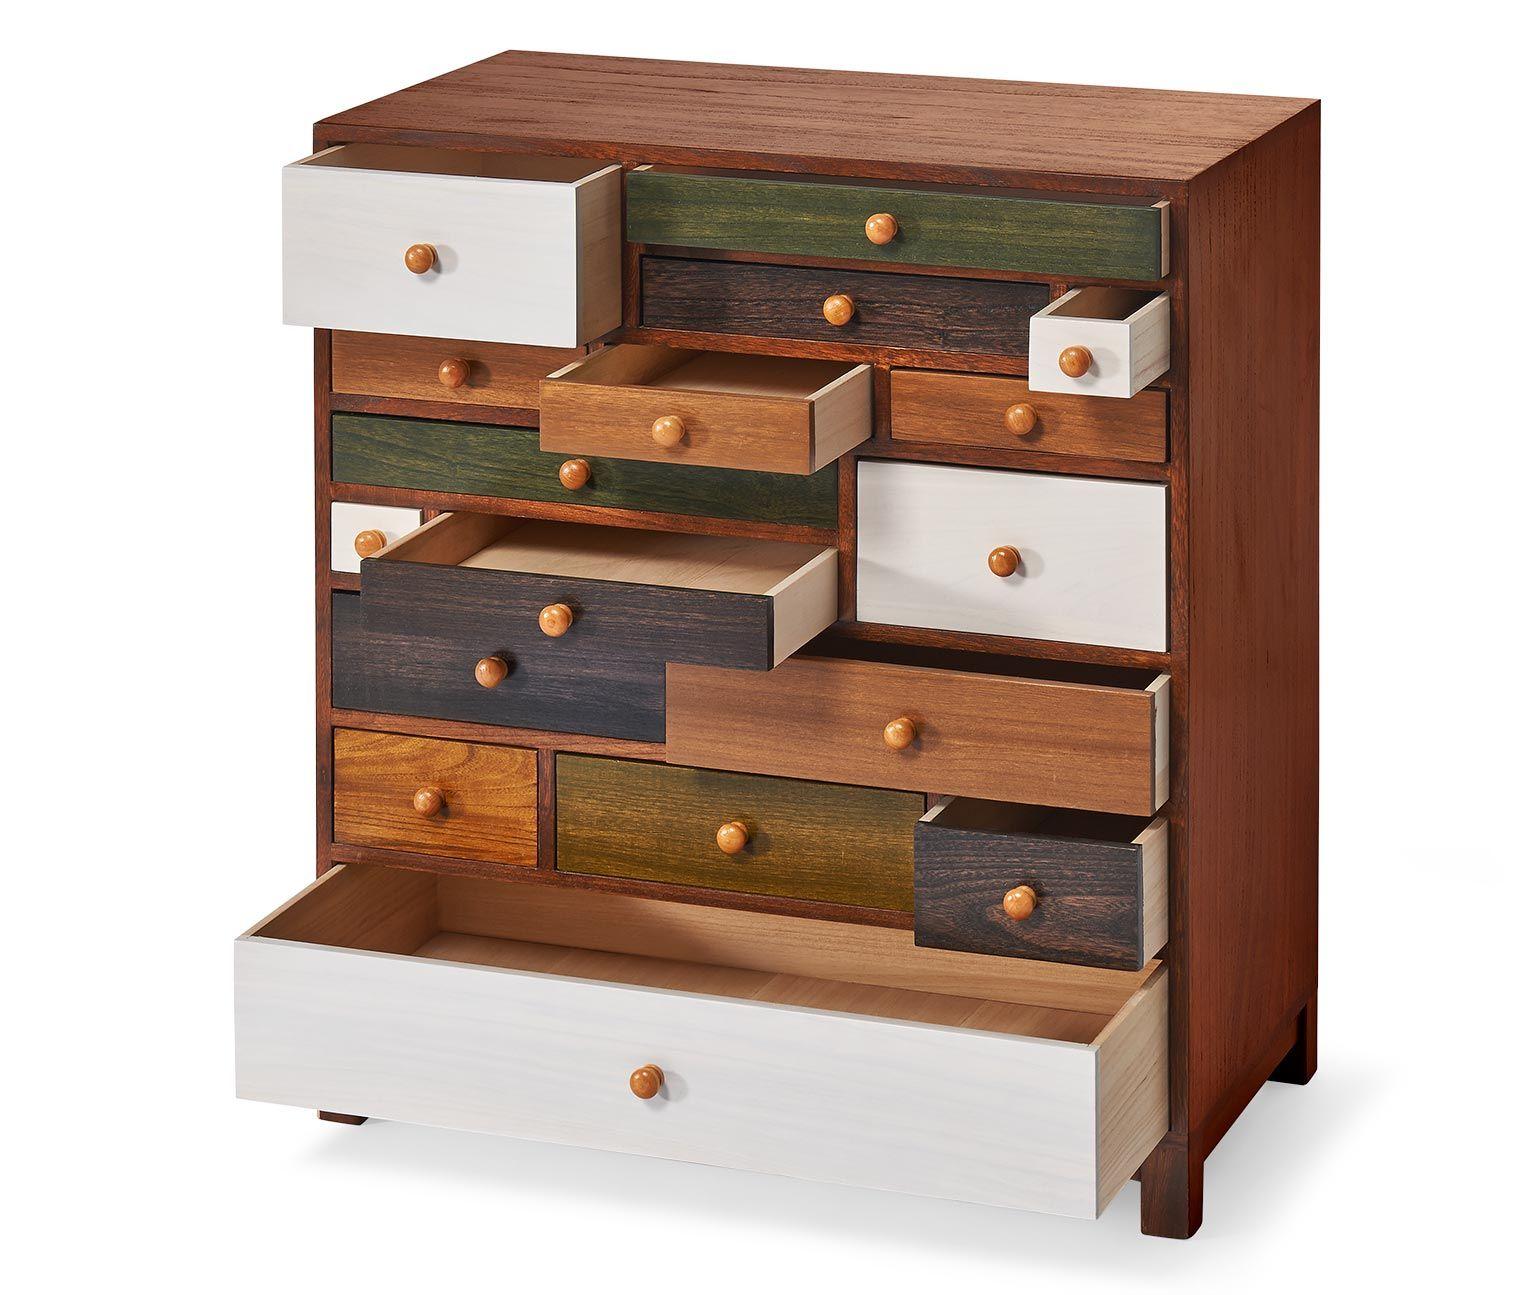 tchibo wohnzimmer mobel : Kommode Online Bestellen Bei Tchibo 322438 From House To Home